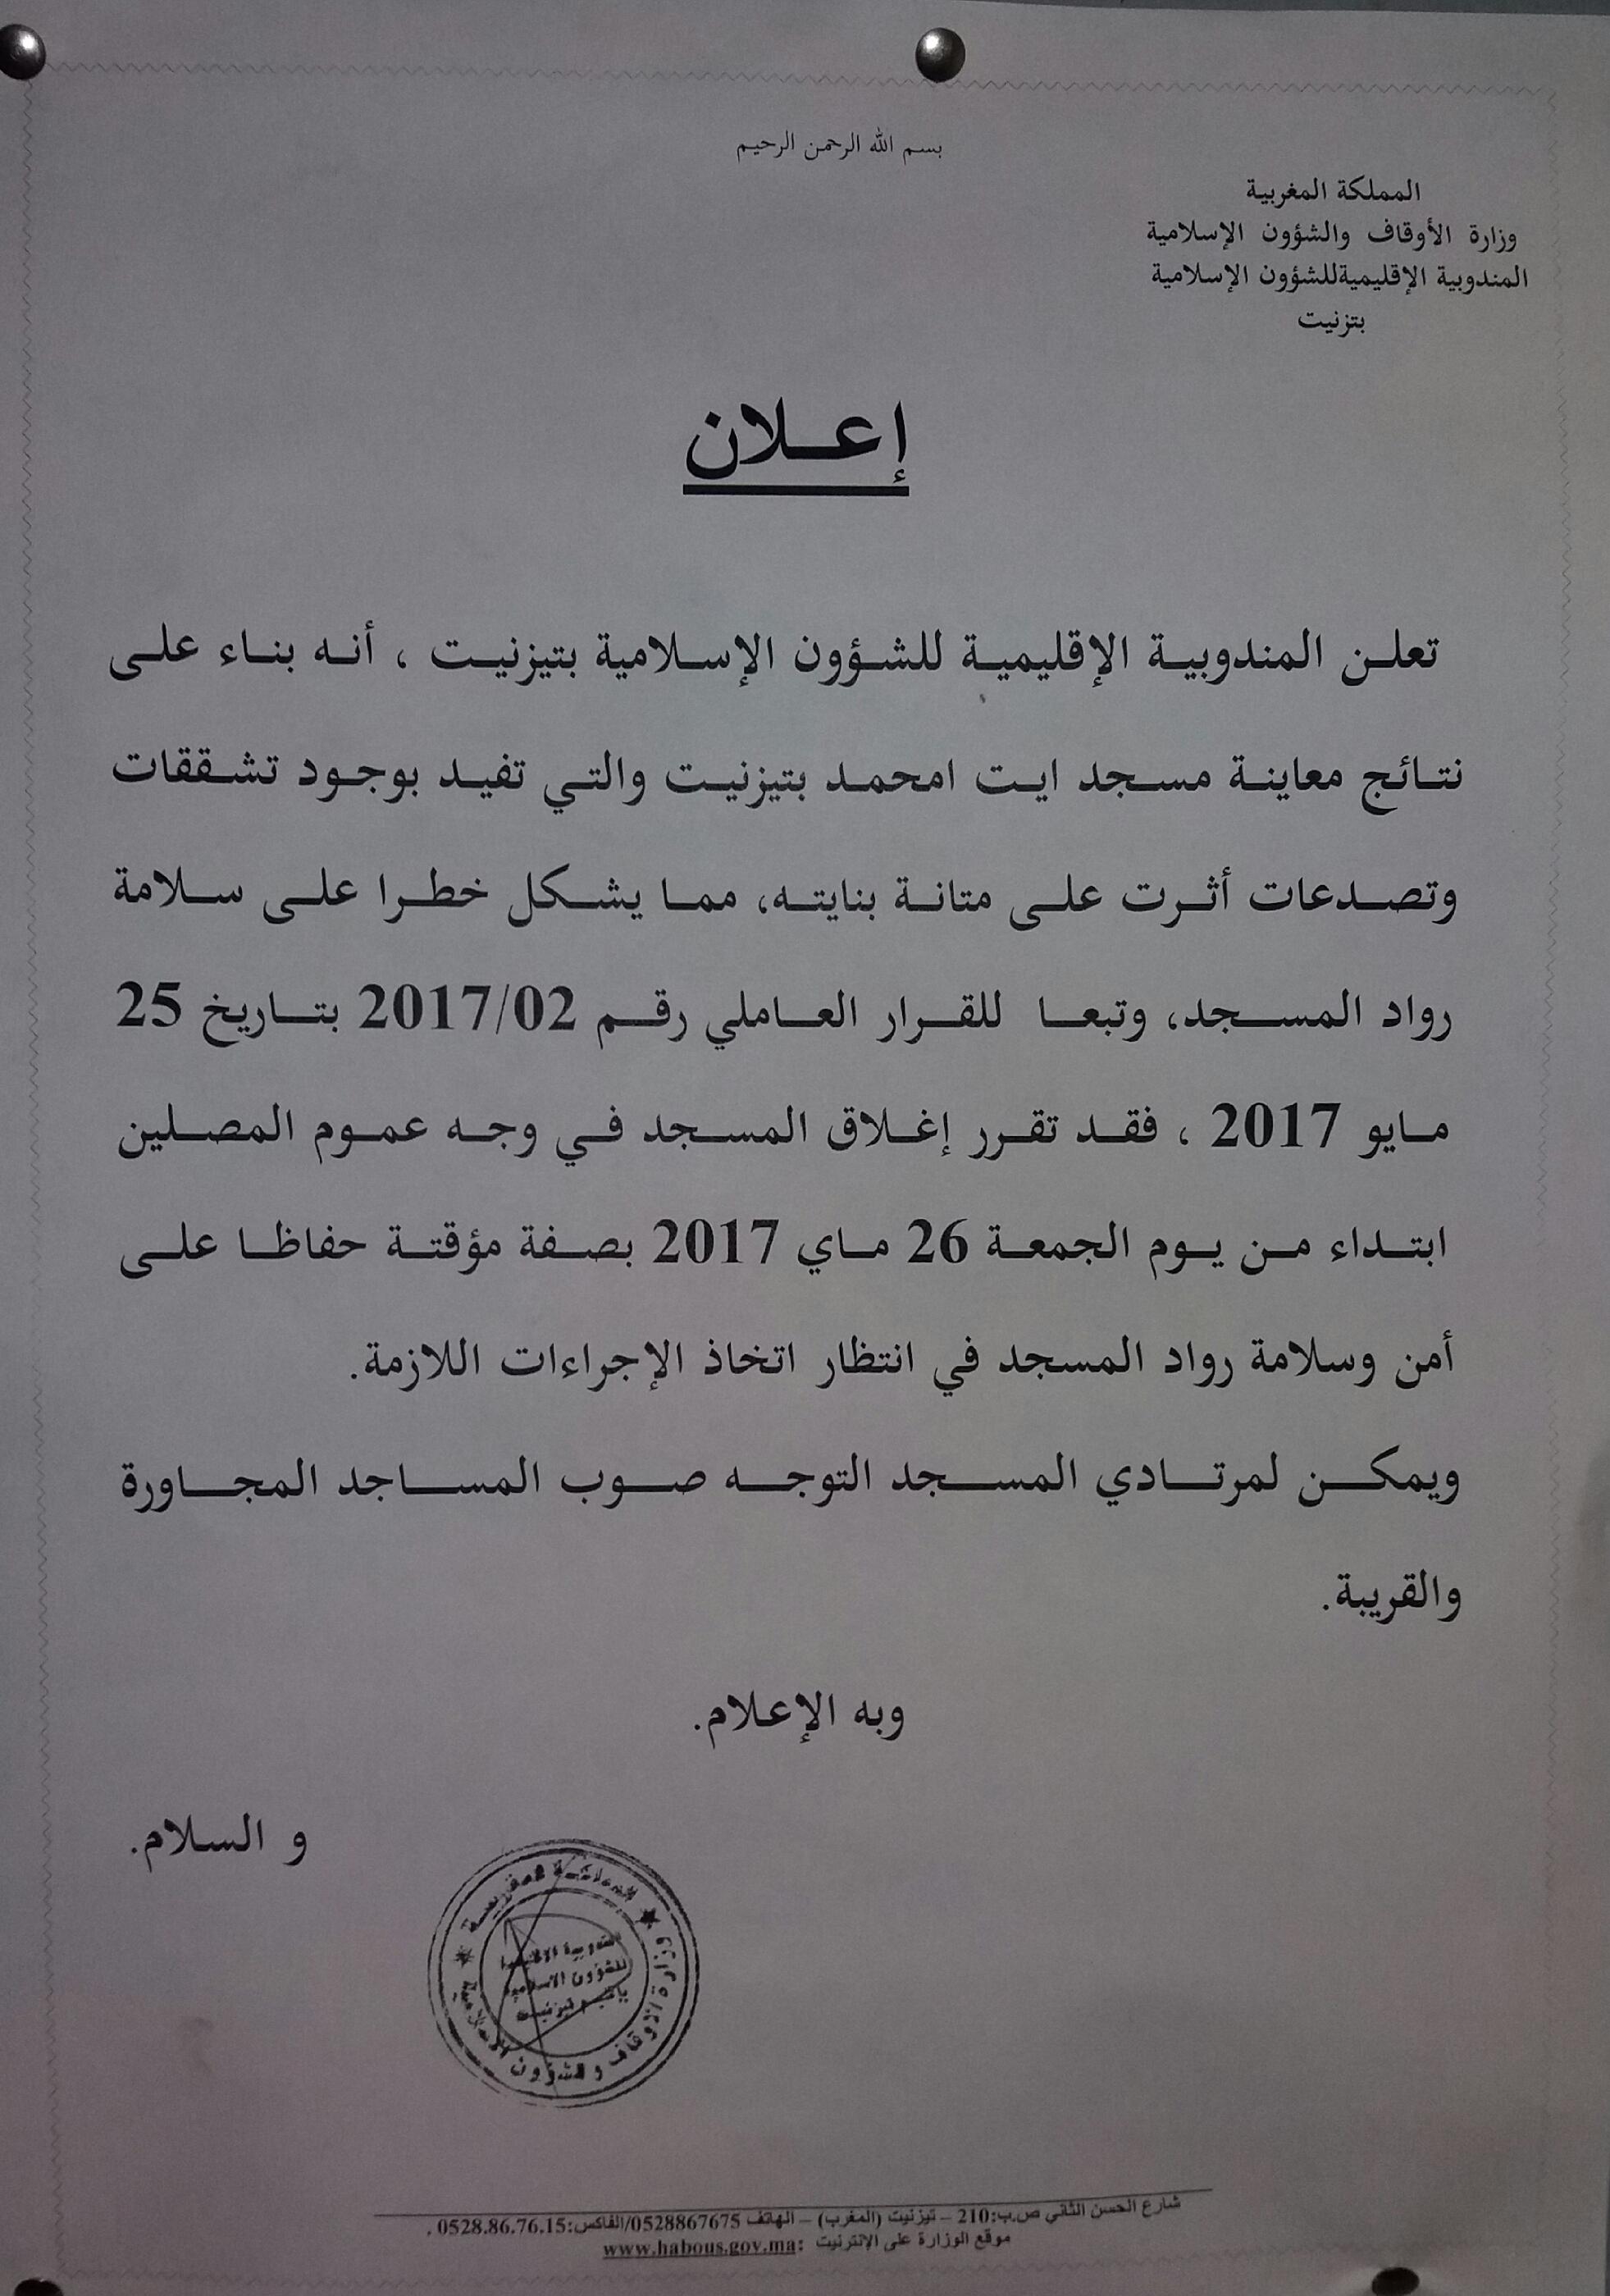 بمناسبة شهر رمضان مندوبية الشؤون الاسلامية تزف لسكان تيزنيت قرار اغلاق مساجد الاحياء